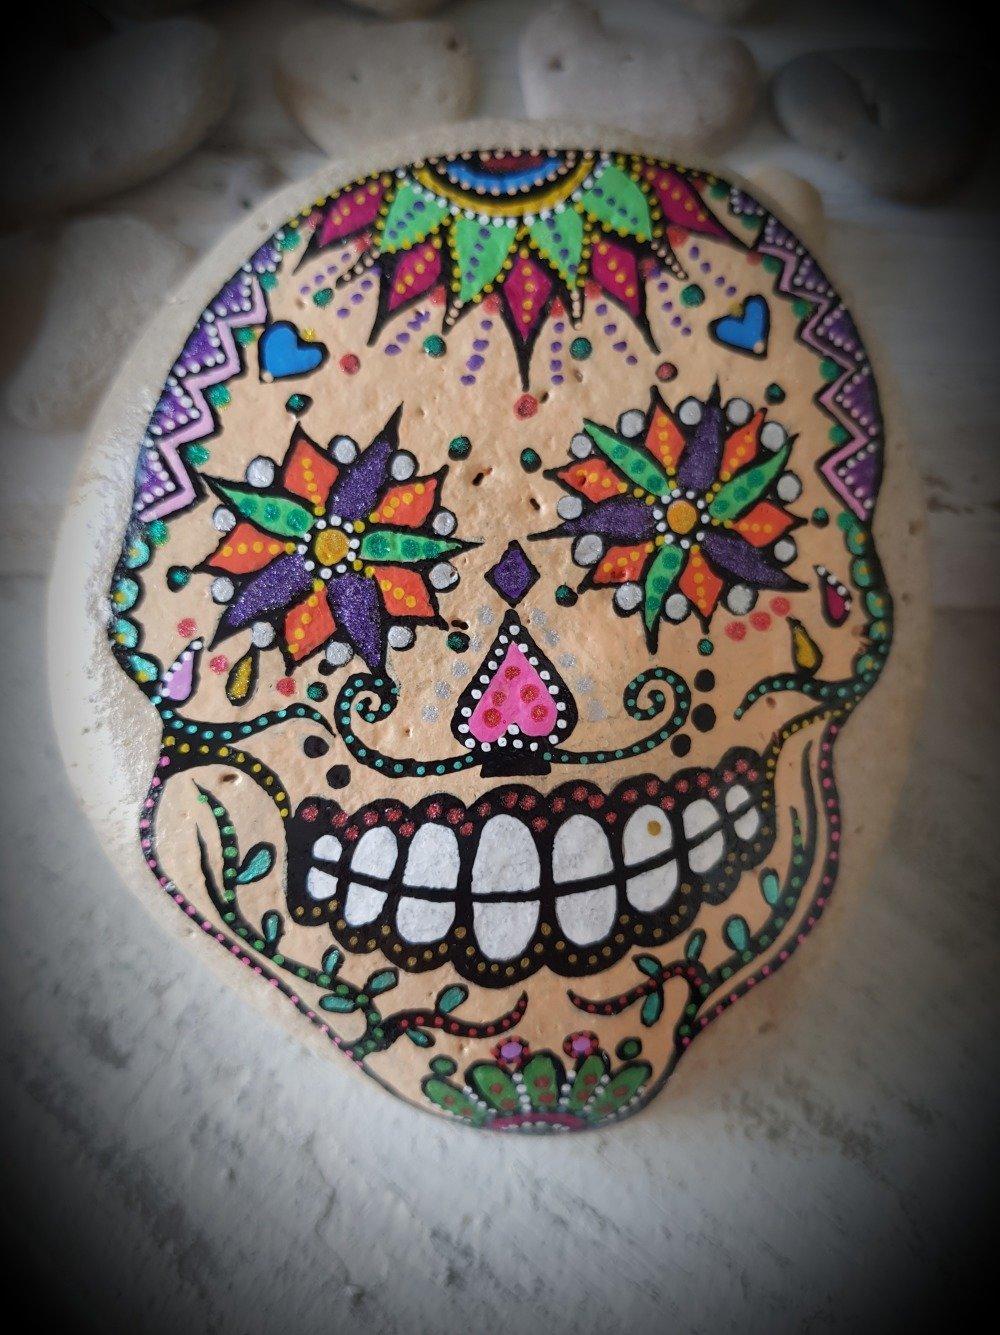 Les galets têtes de morts mexicaines de wonder